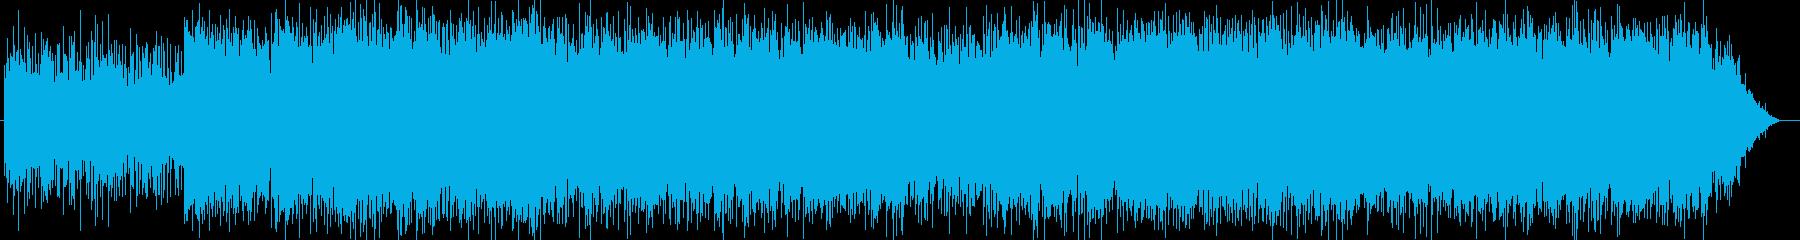 主人公を引き立てるアーバンなシンセの再生済みの波形